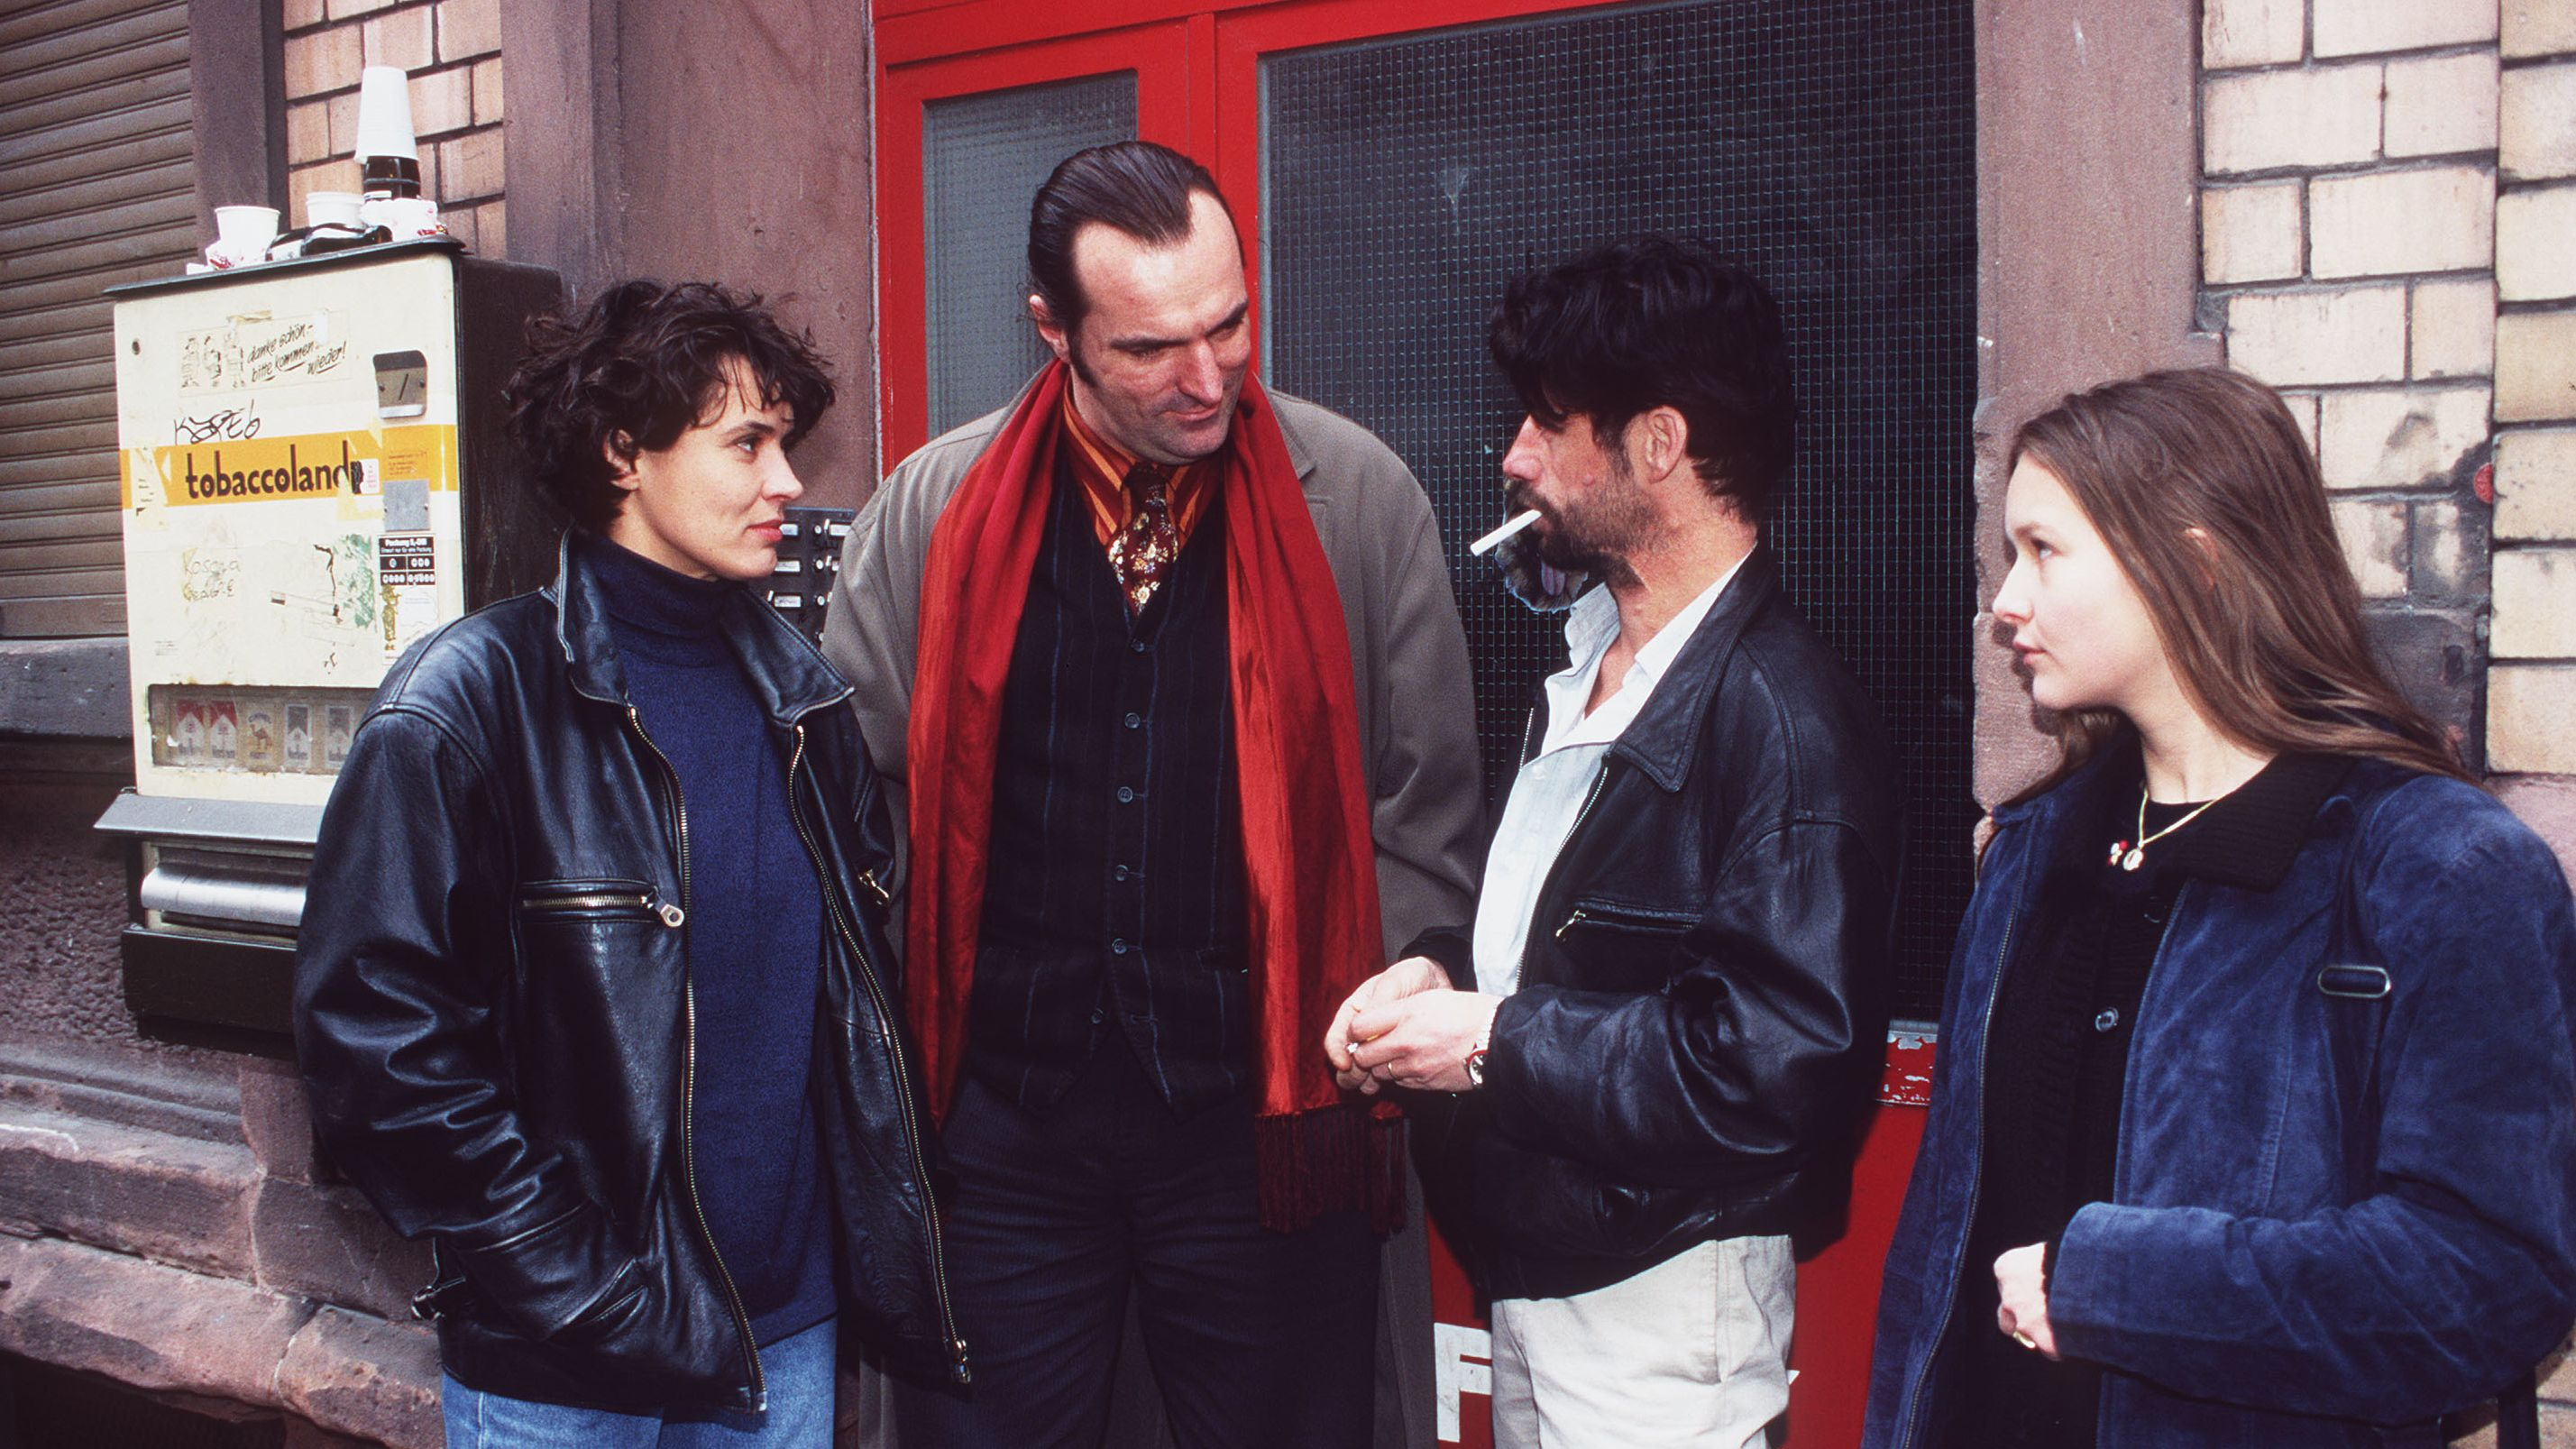 """Zwei Frauen und zwei Männer stehen in einem Hauseingang vor einer Roten Tür. Szene aus dem Tatort """"Engelchen flieg"""""""